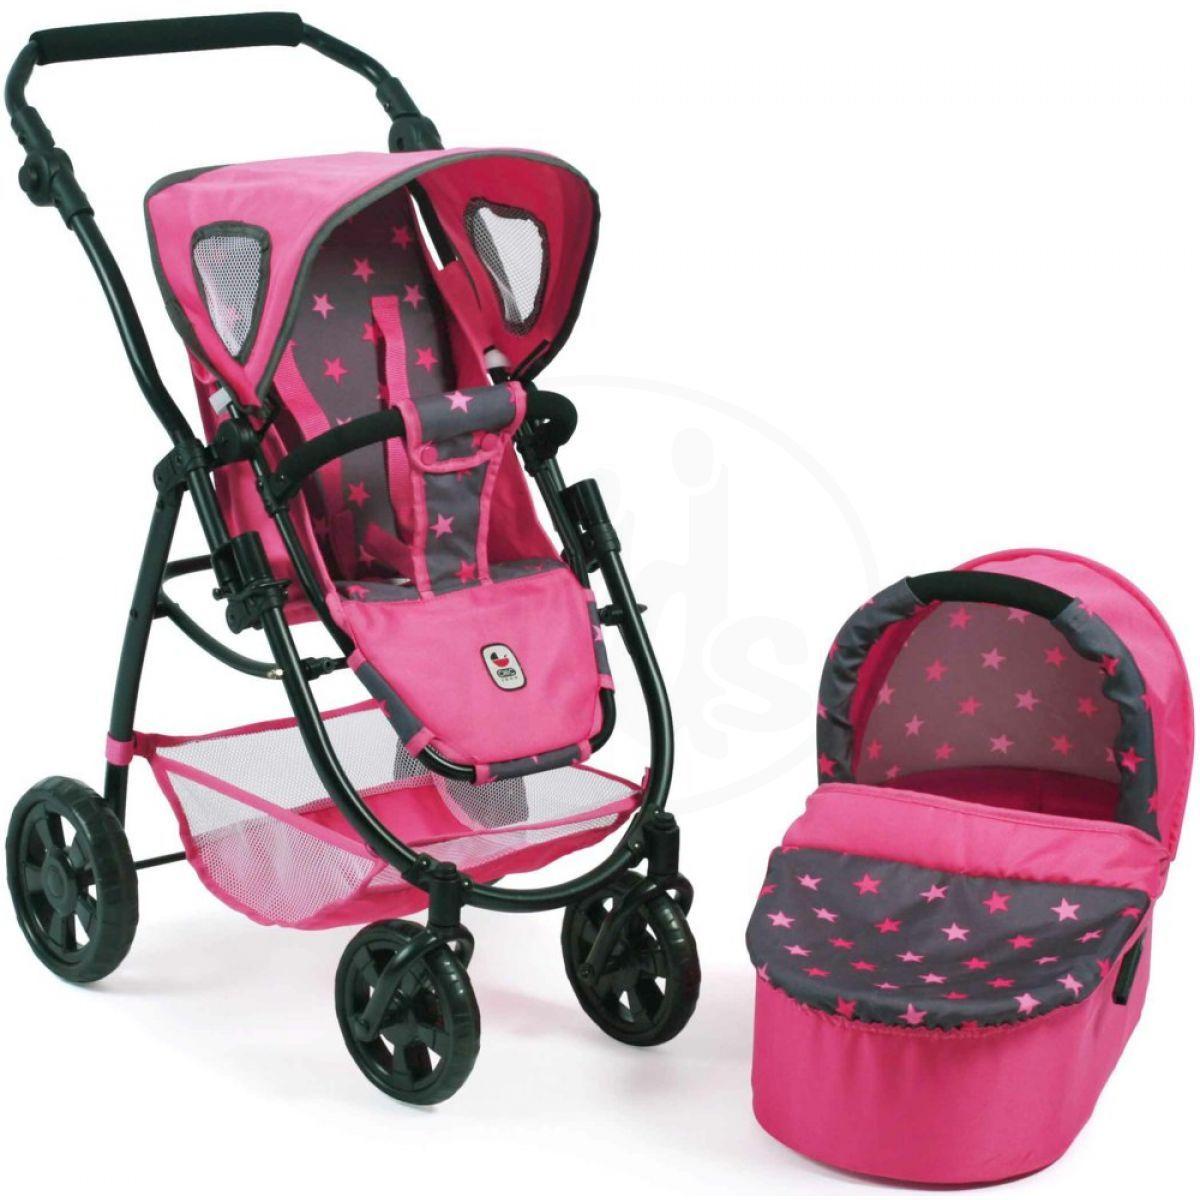 Bayer Chic Kočárek pro panenky Emotion 2v1 - Hvězdičky růžové